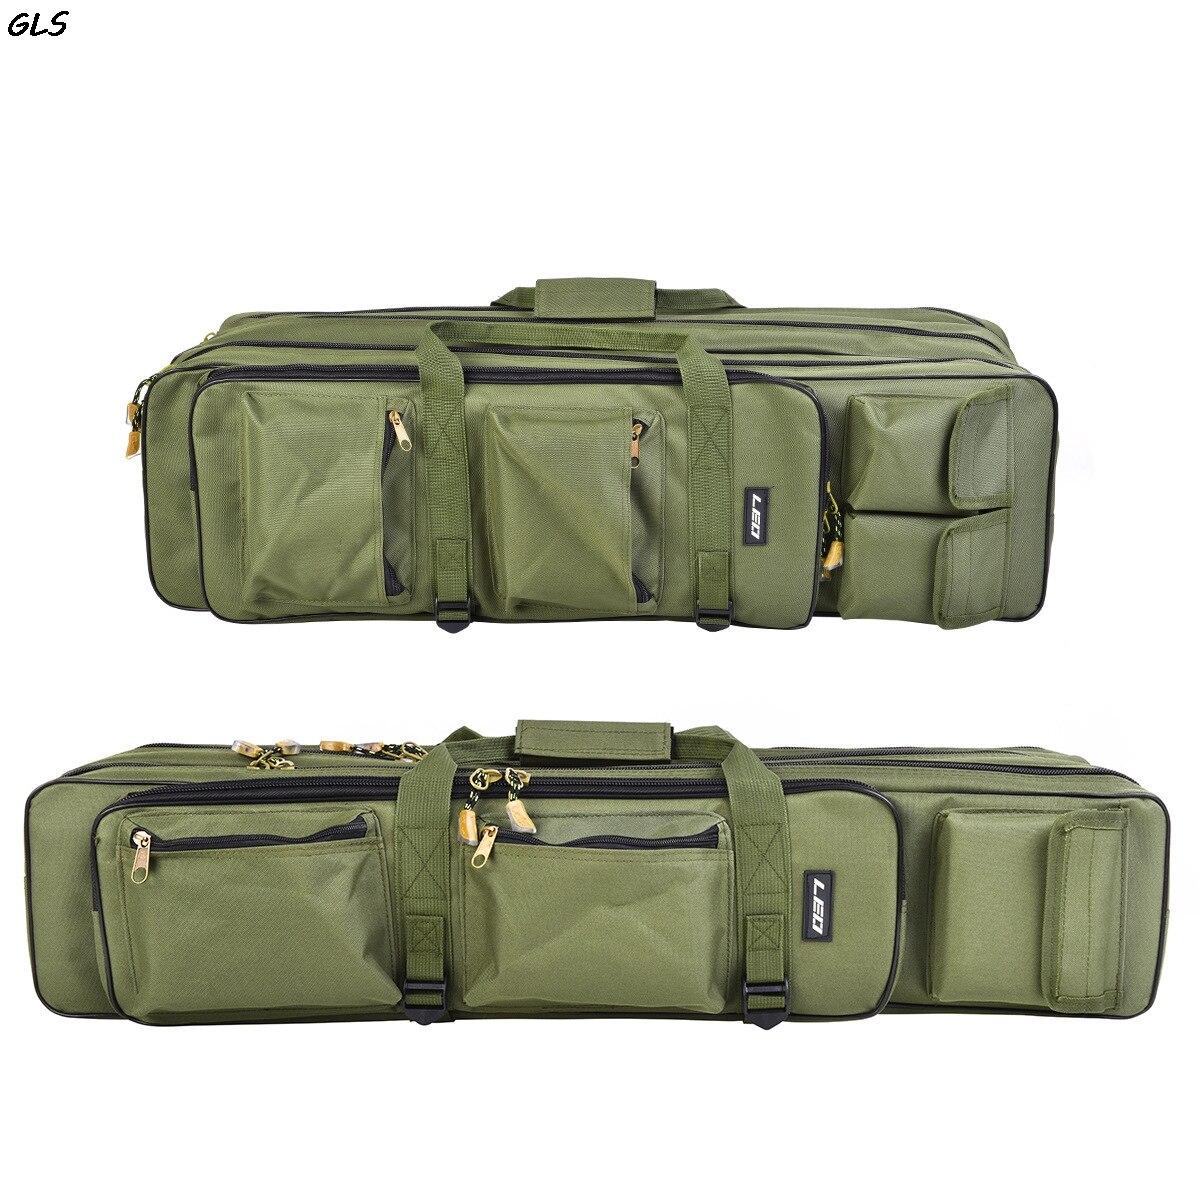 80 cm/100 cm sac de pêche pliable extérieur 3 couches sac de pêche pôle de pêche sac de transport sac de voyage